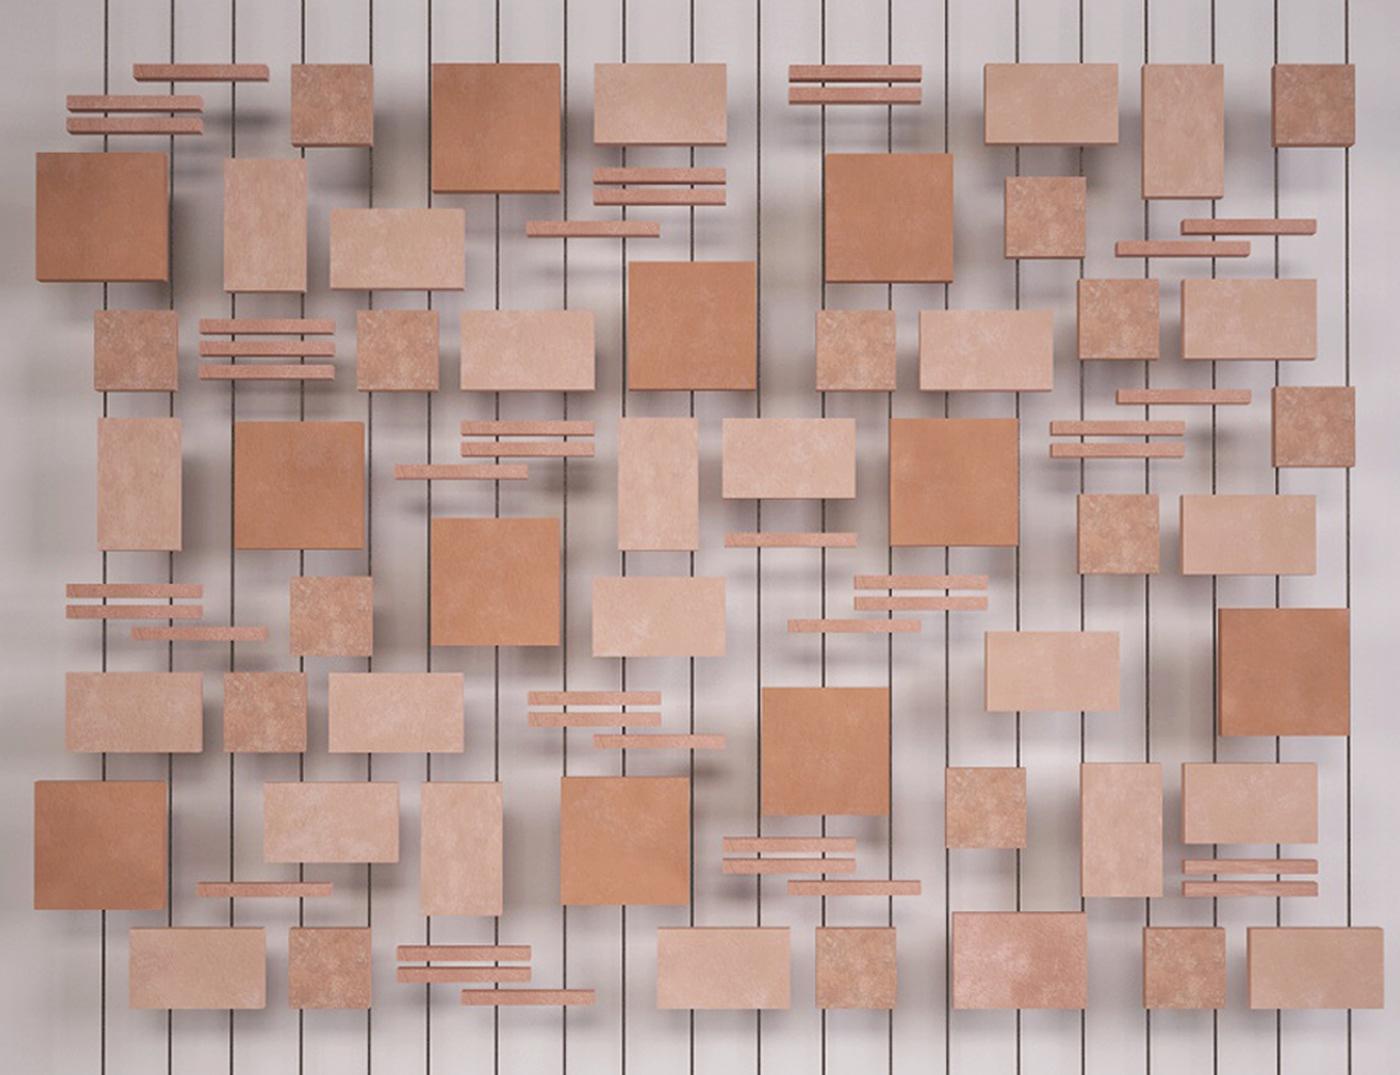 architettura CONCORSO cotto facciata architettonica pierattelli architetture stazione elettrica terna toscana